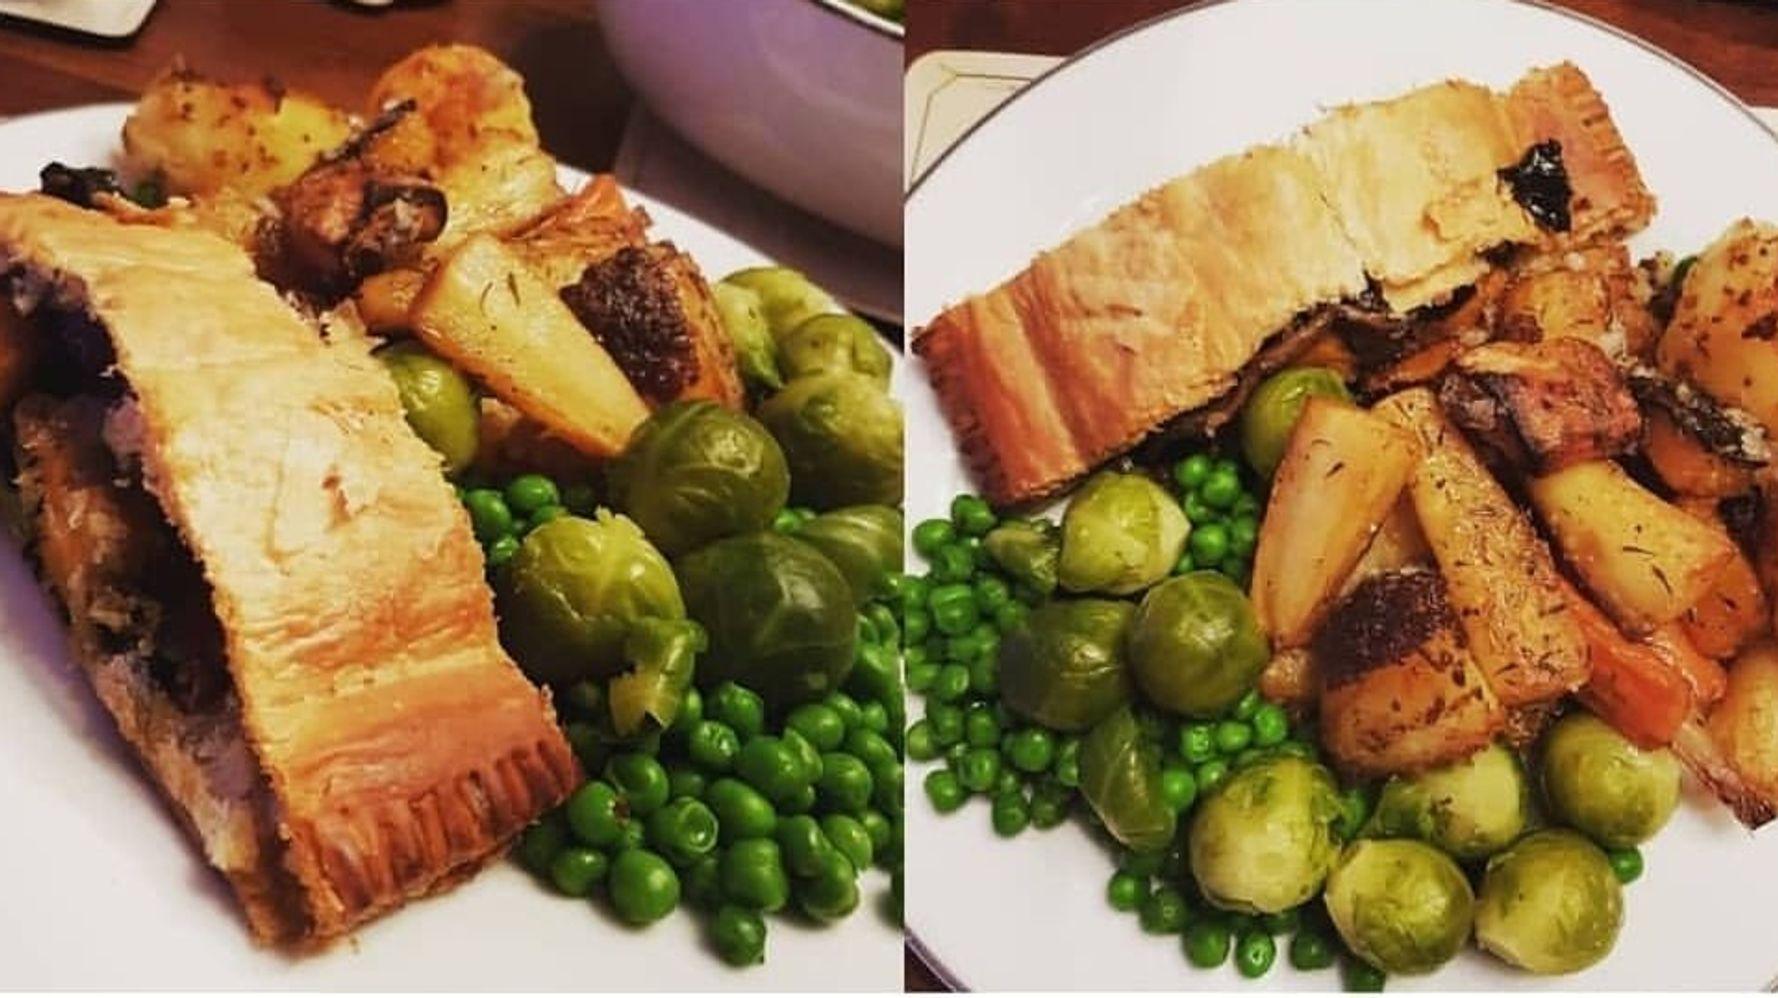 Christmas Meals.Vegan Christmas Dinner Three Households Share What Festive